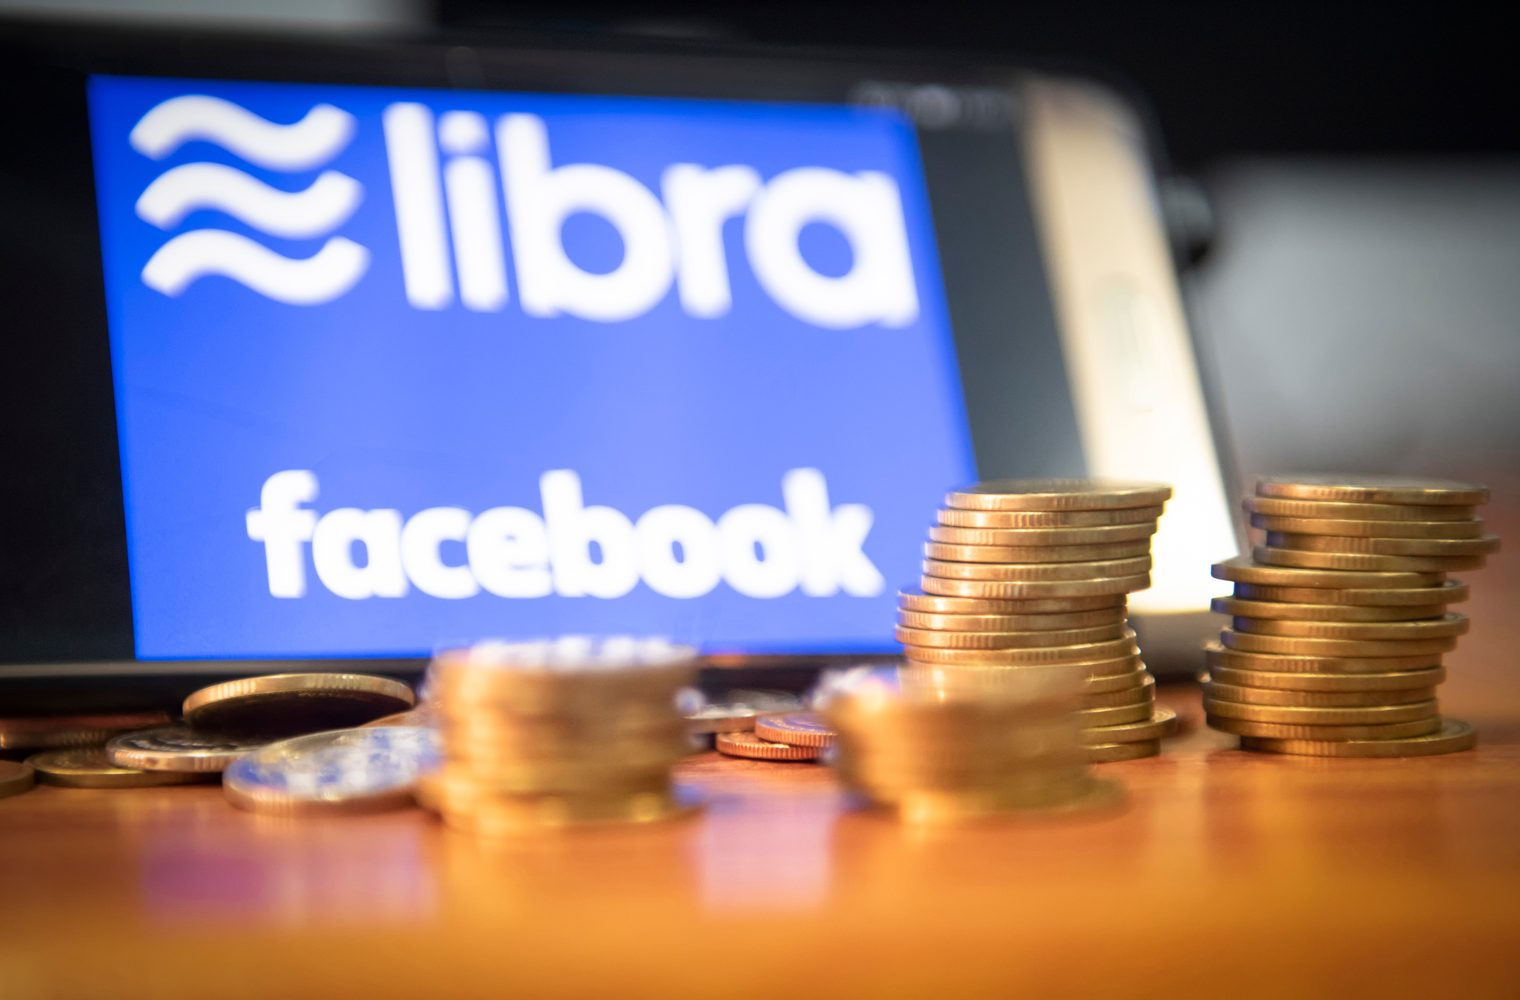 Paypal sale de Libra - Mastercard y Visa pueden seguir